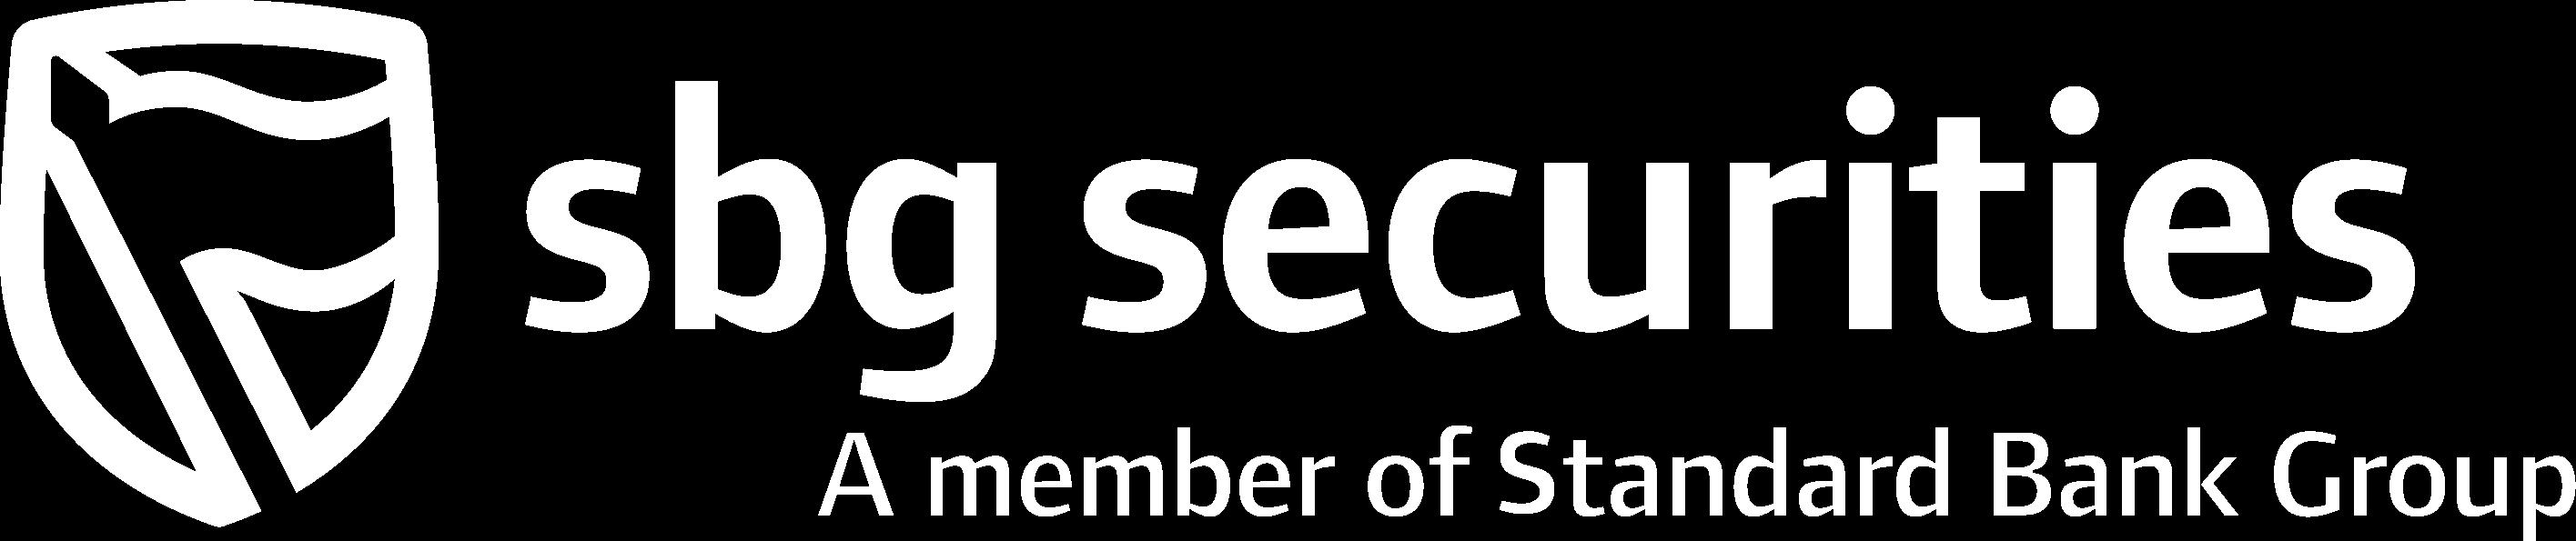 15 logo sbg securities